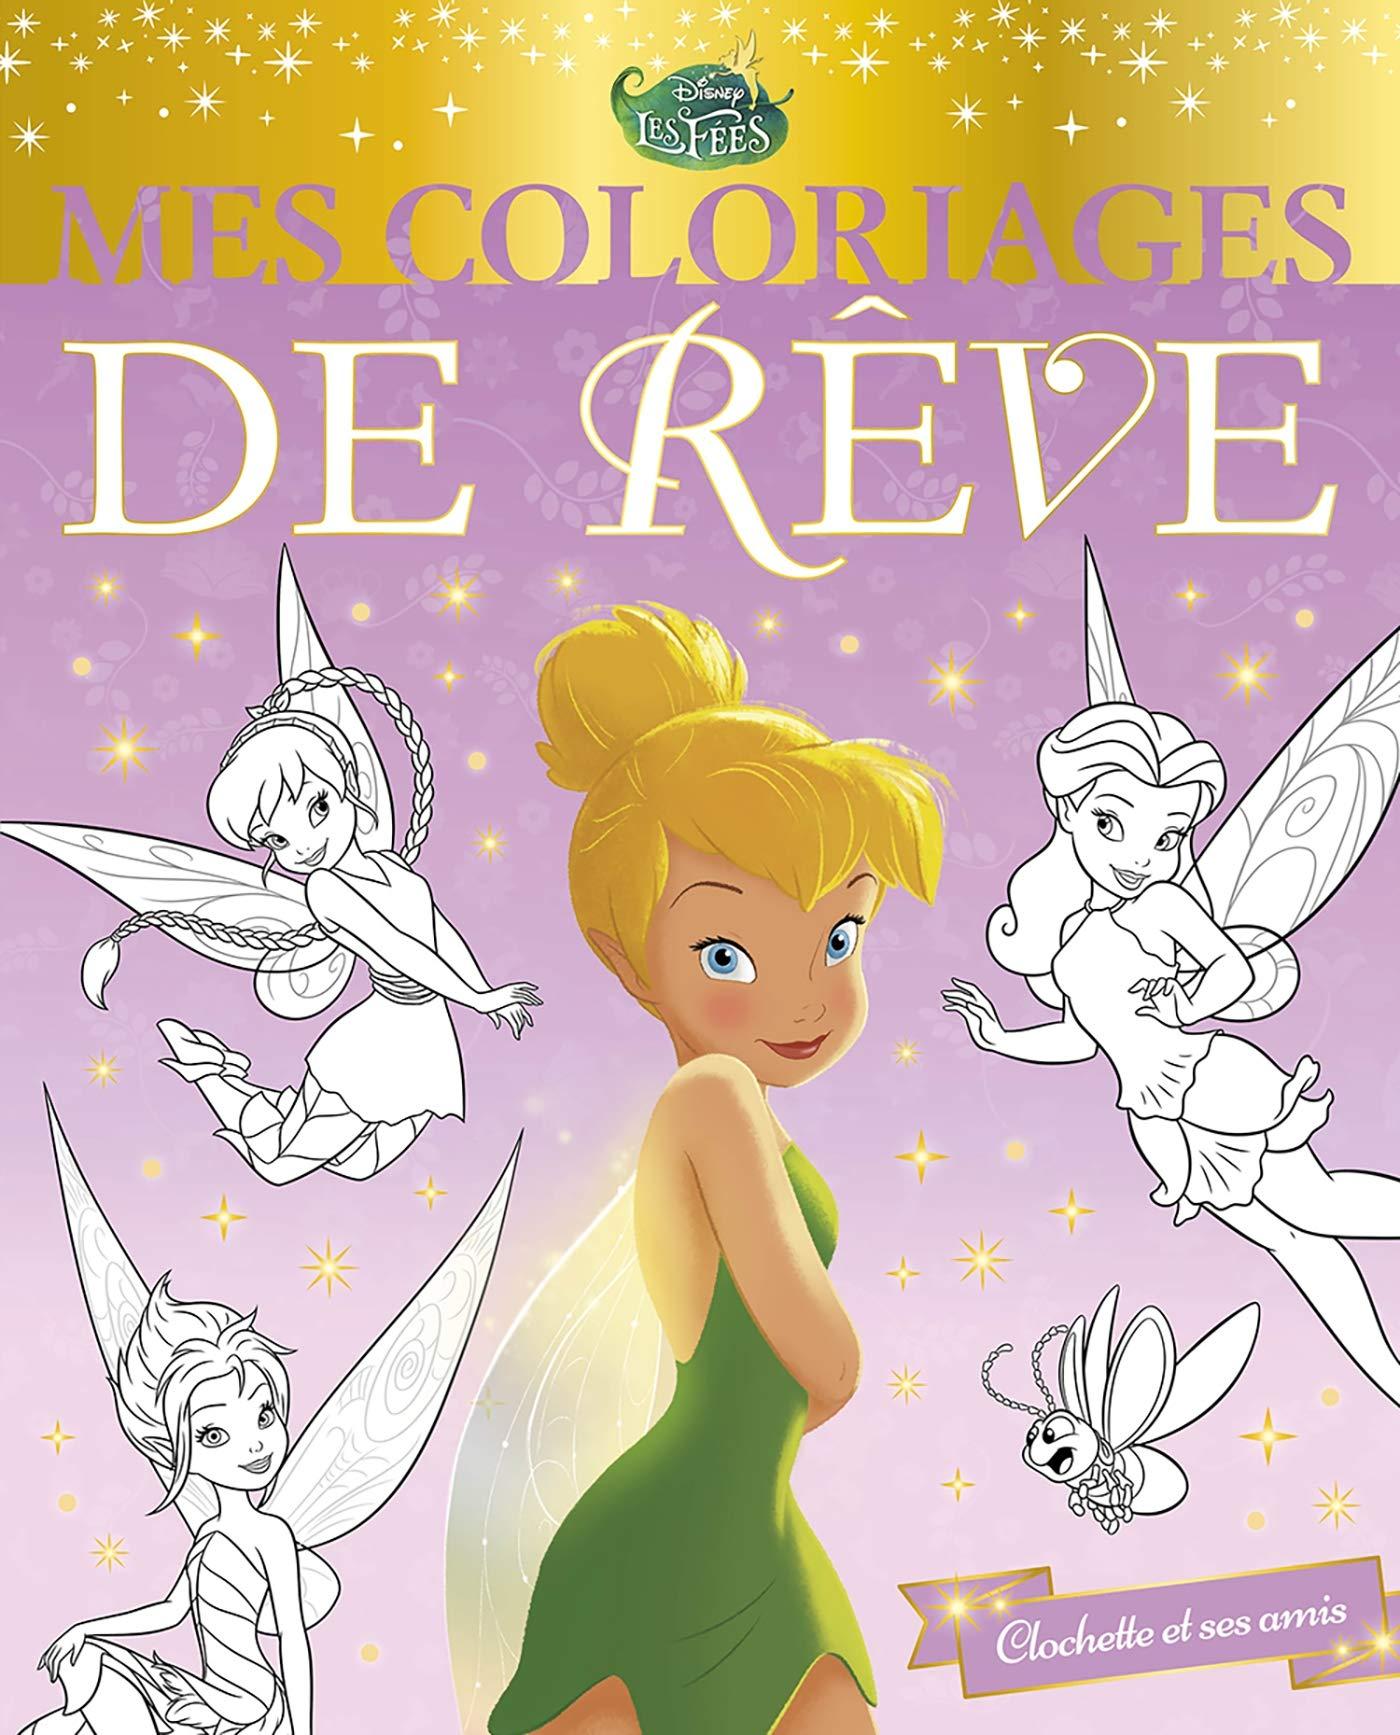 La Fee Clochette Mes Coloriages De Reve Clochette Et Ses Amis Disney Clochette Et Ses Amis French Edition 9782017091592 Amazon Com Books